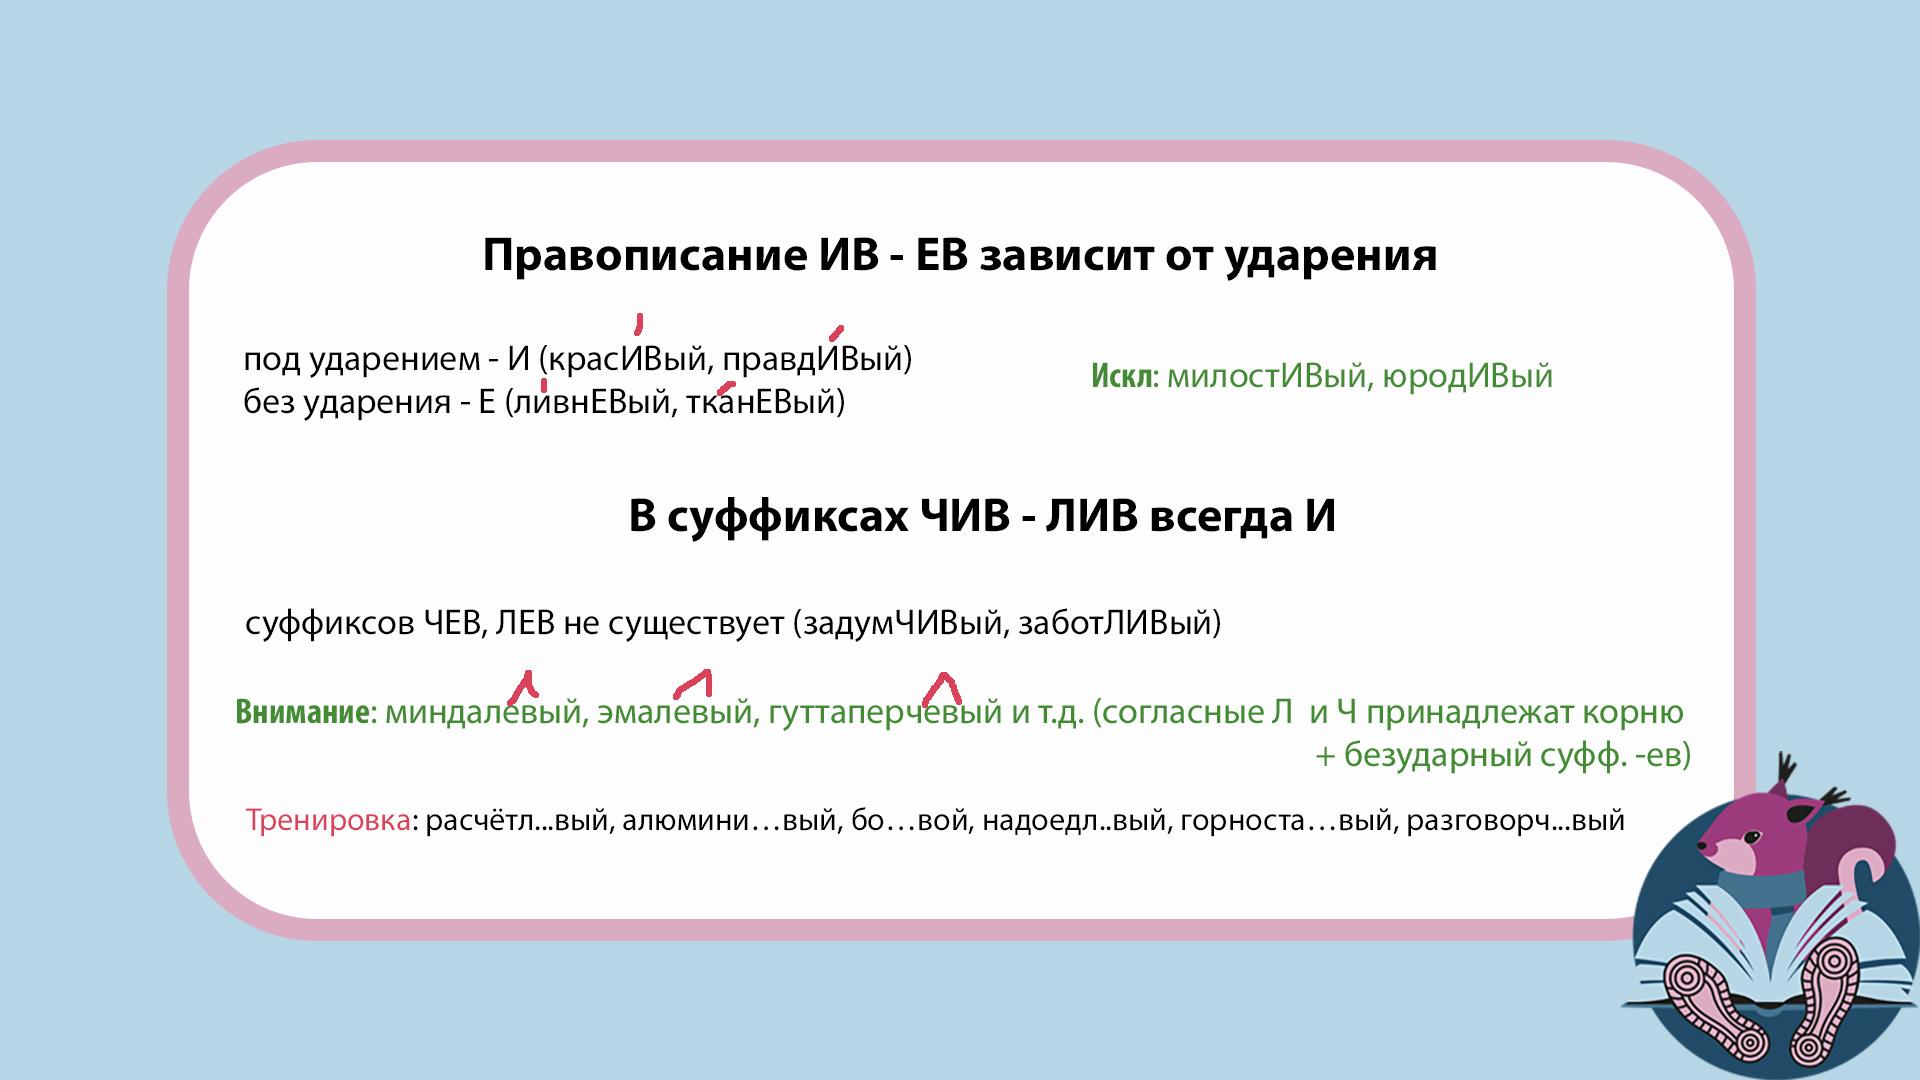 Правописание суффиксов чив лив ев ив ЕГЭ русский язык задание 11